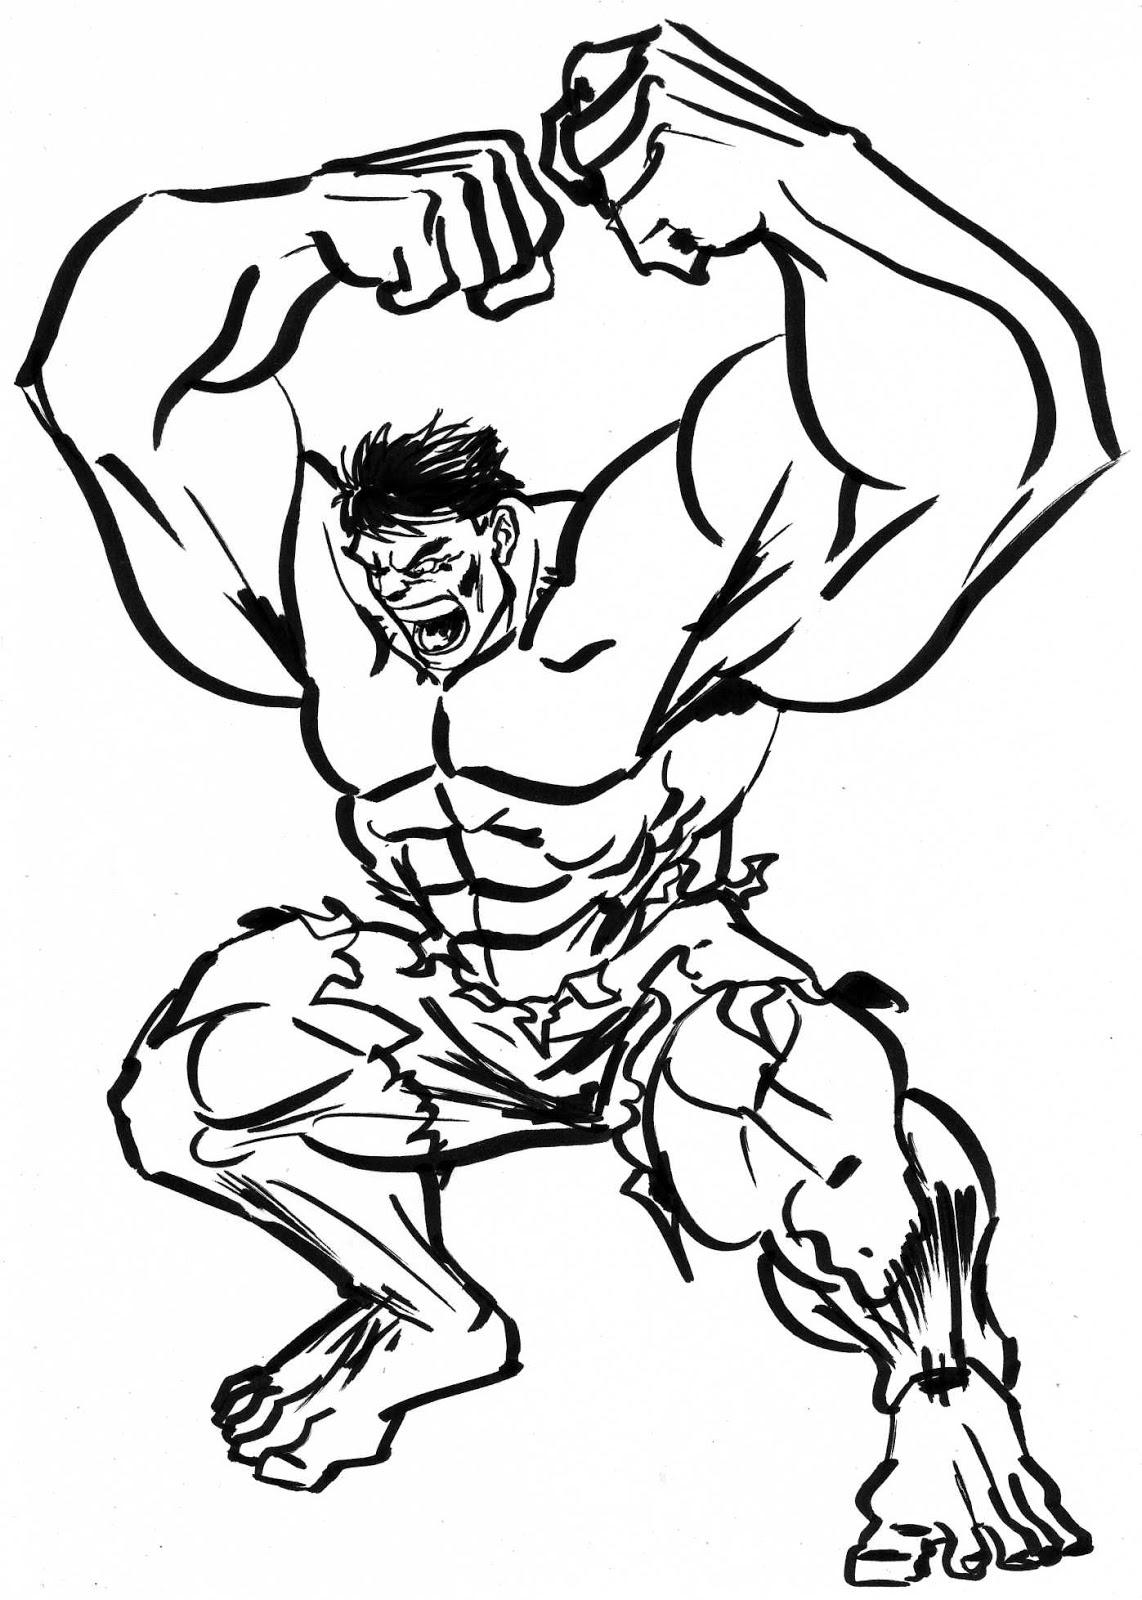 Sibeloy Gambar Hulk